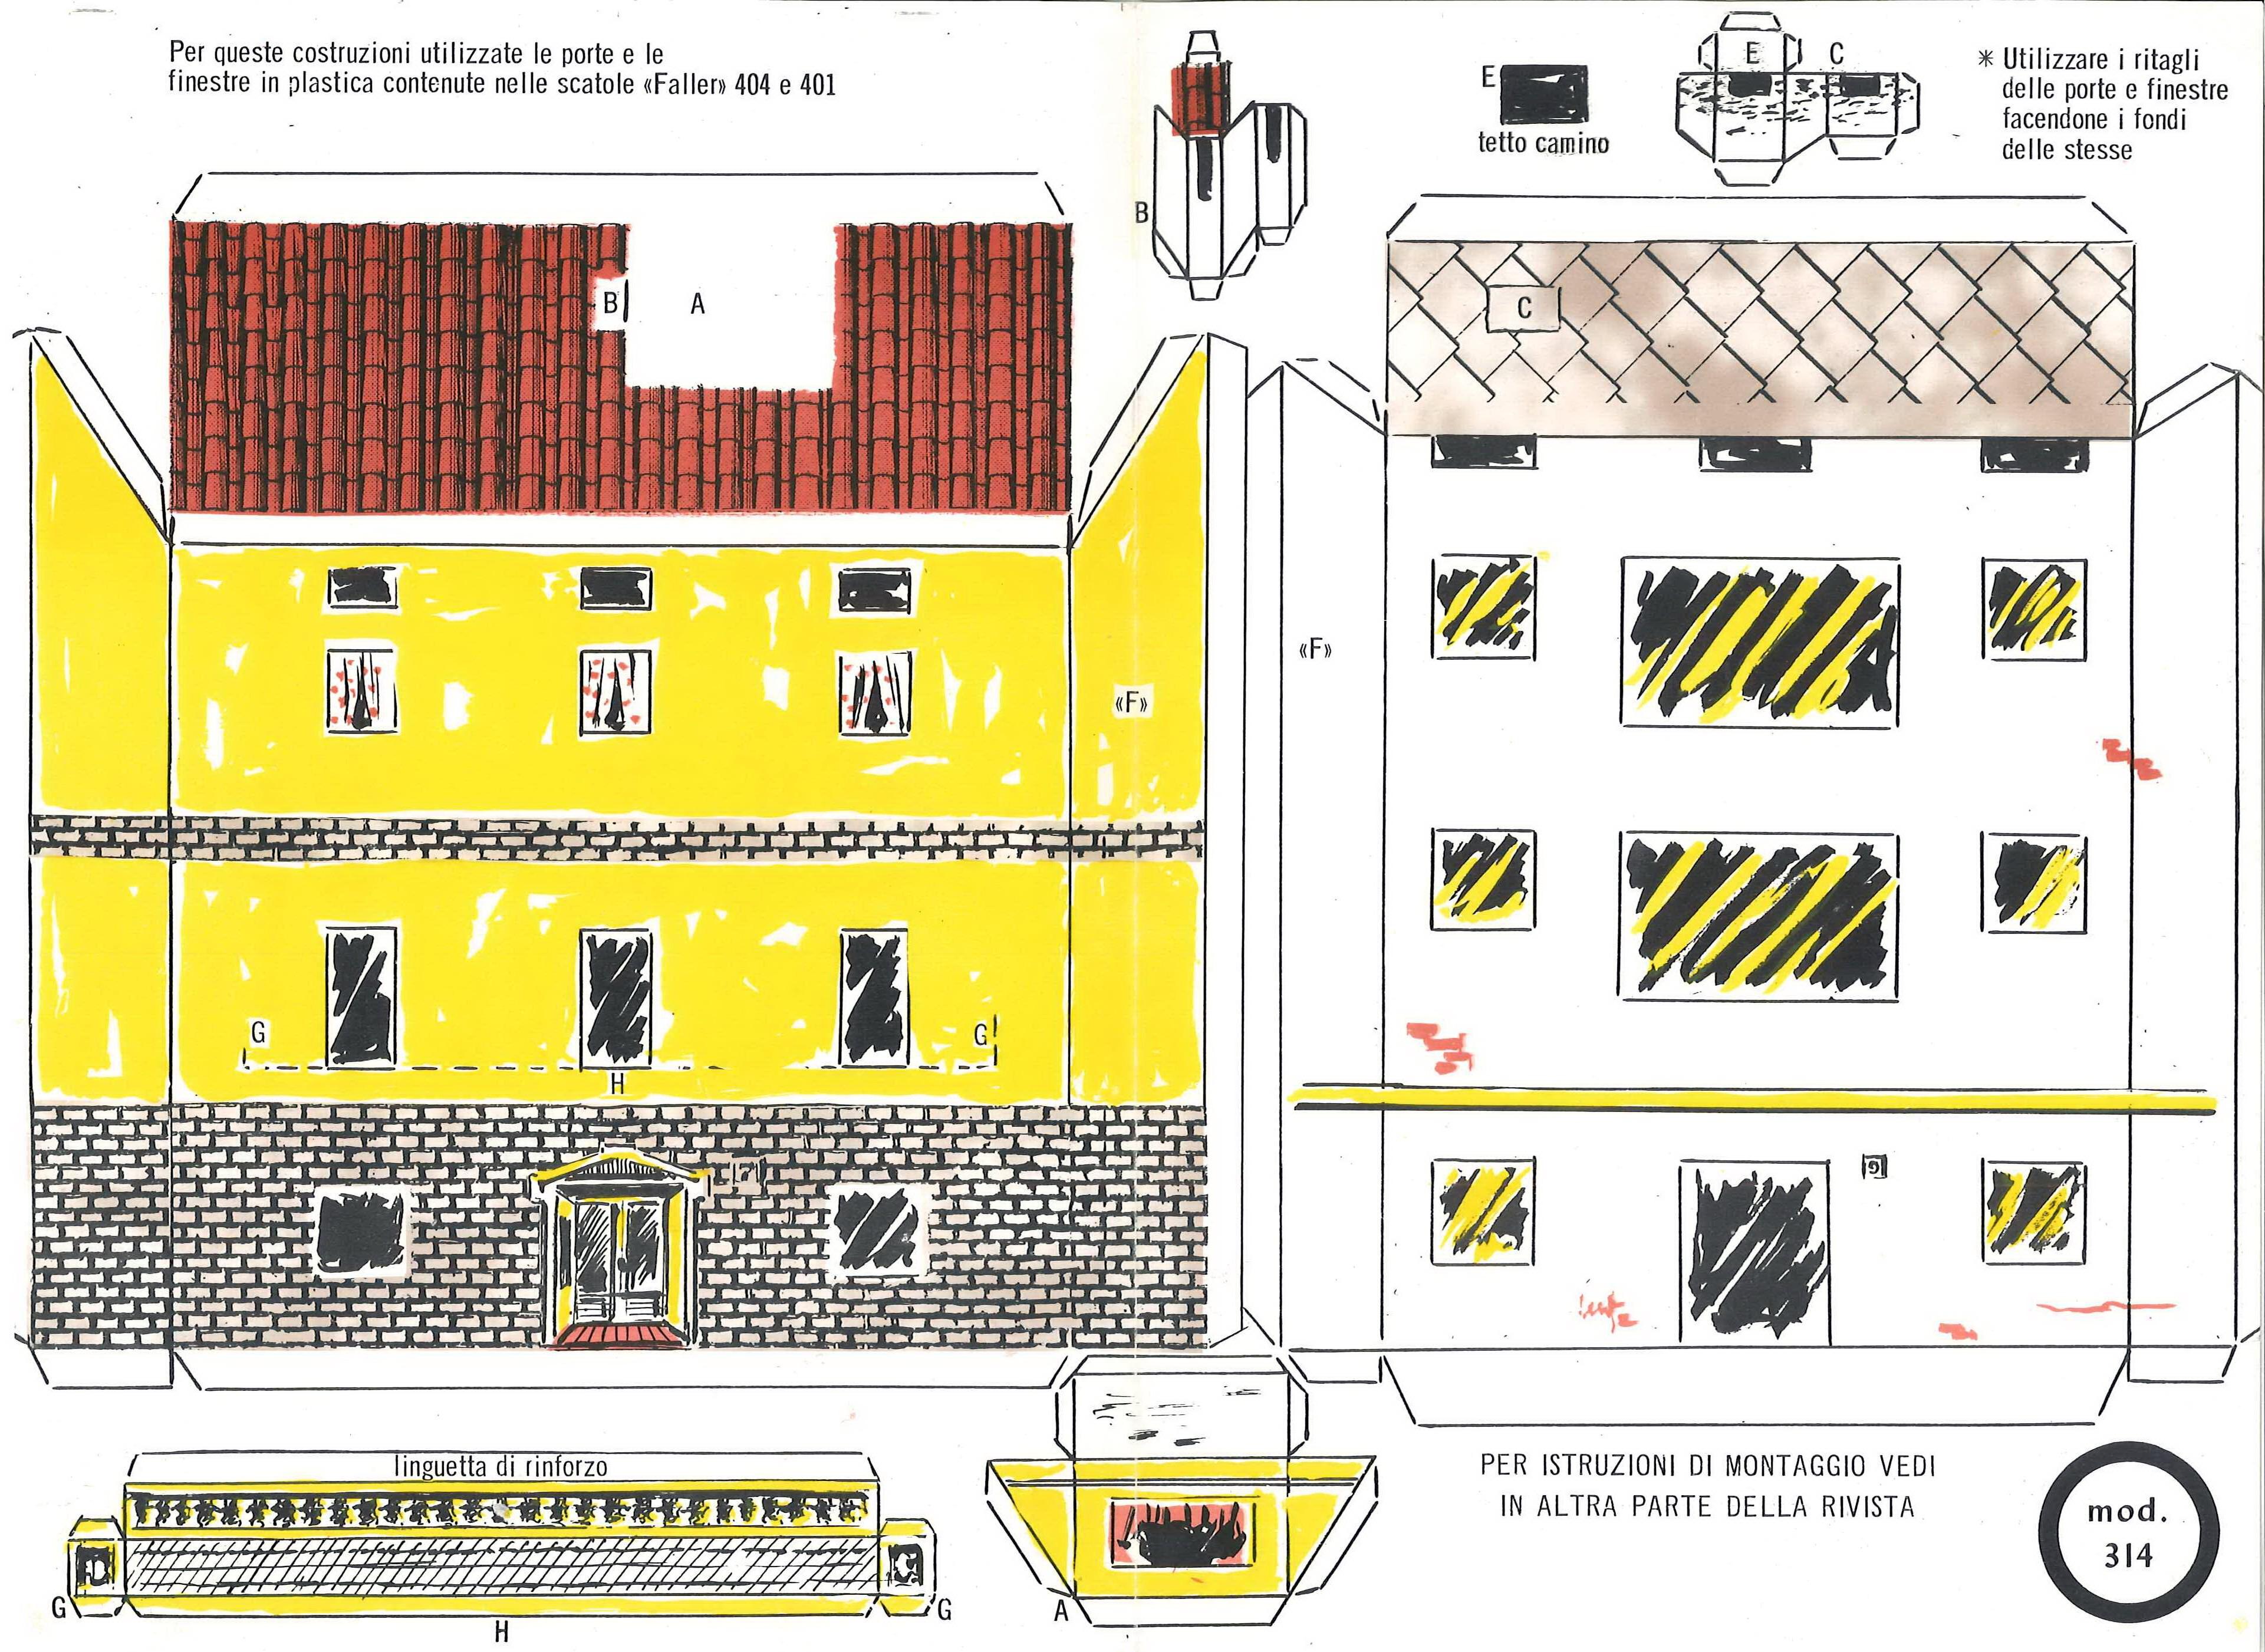 Dario pisani informazioni su persone con immagini for Modelli di case da costruire